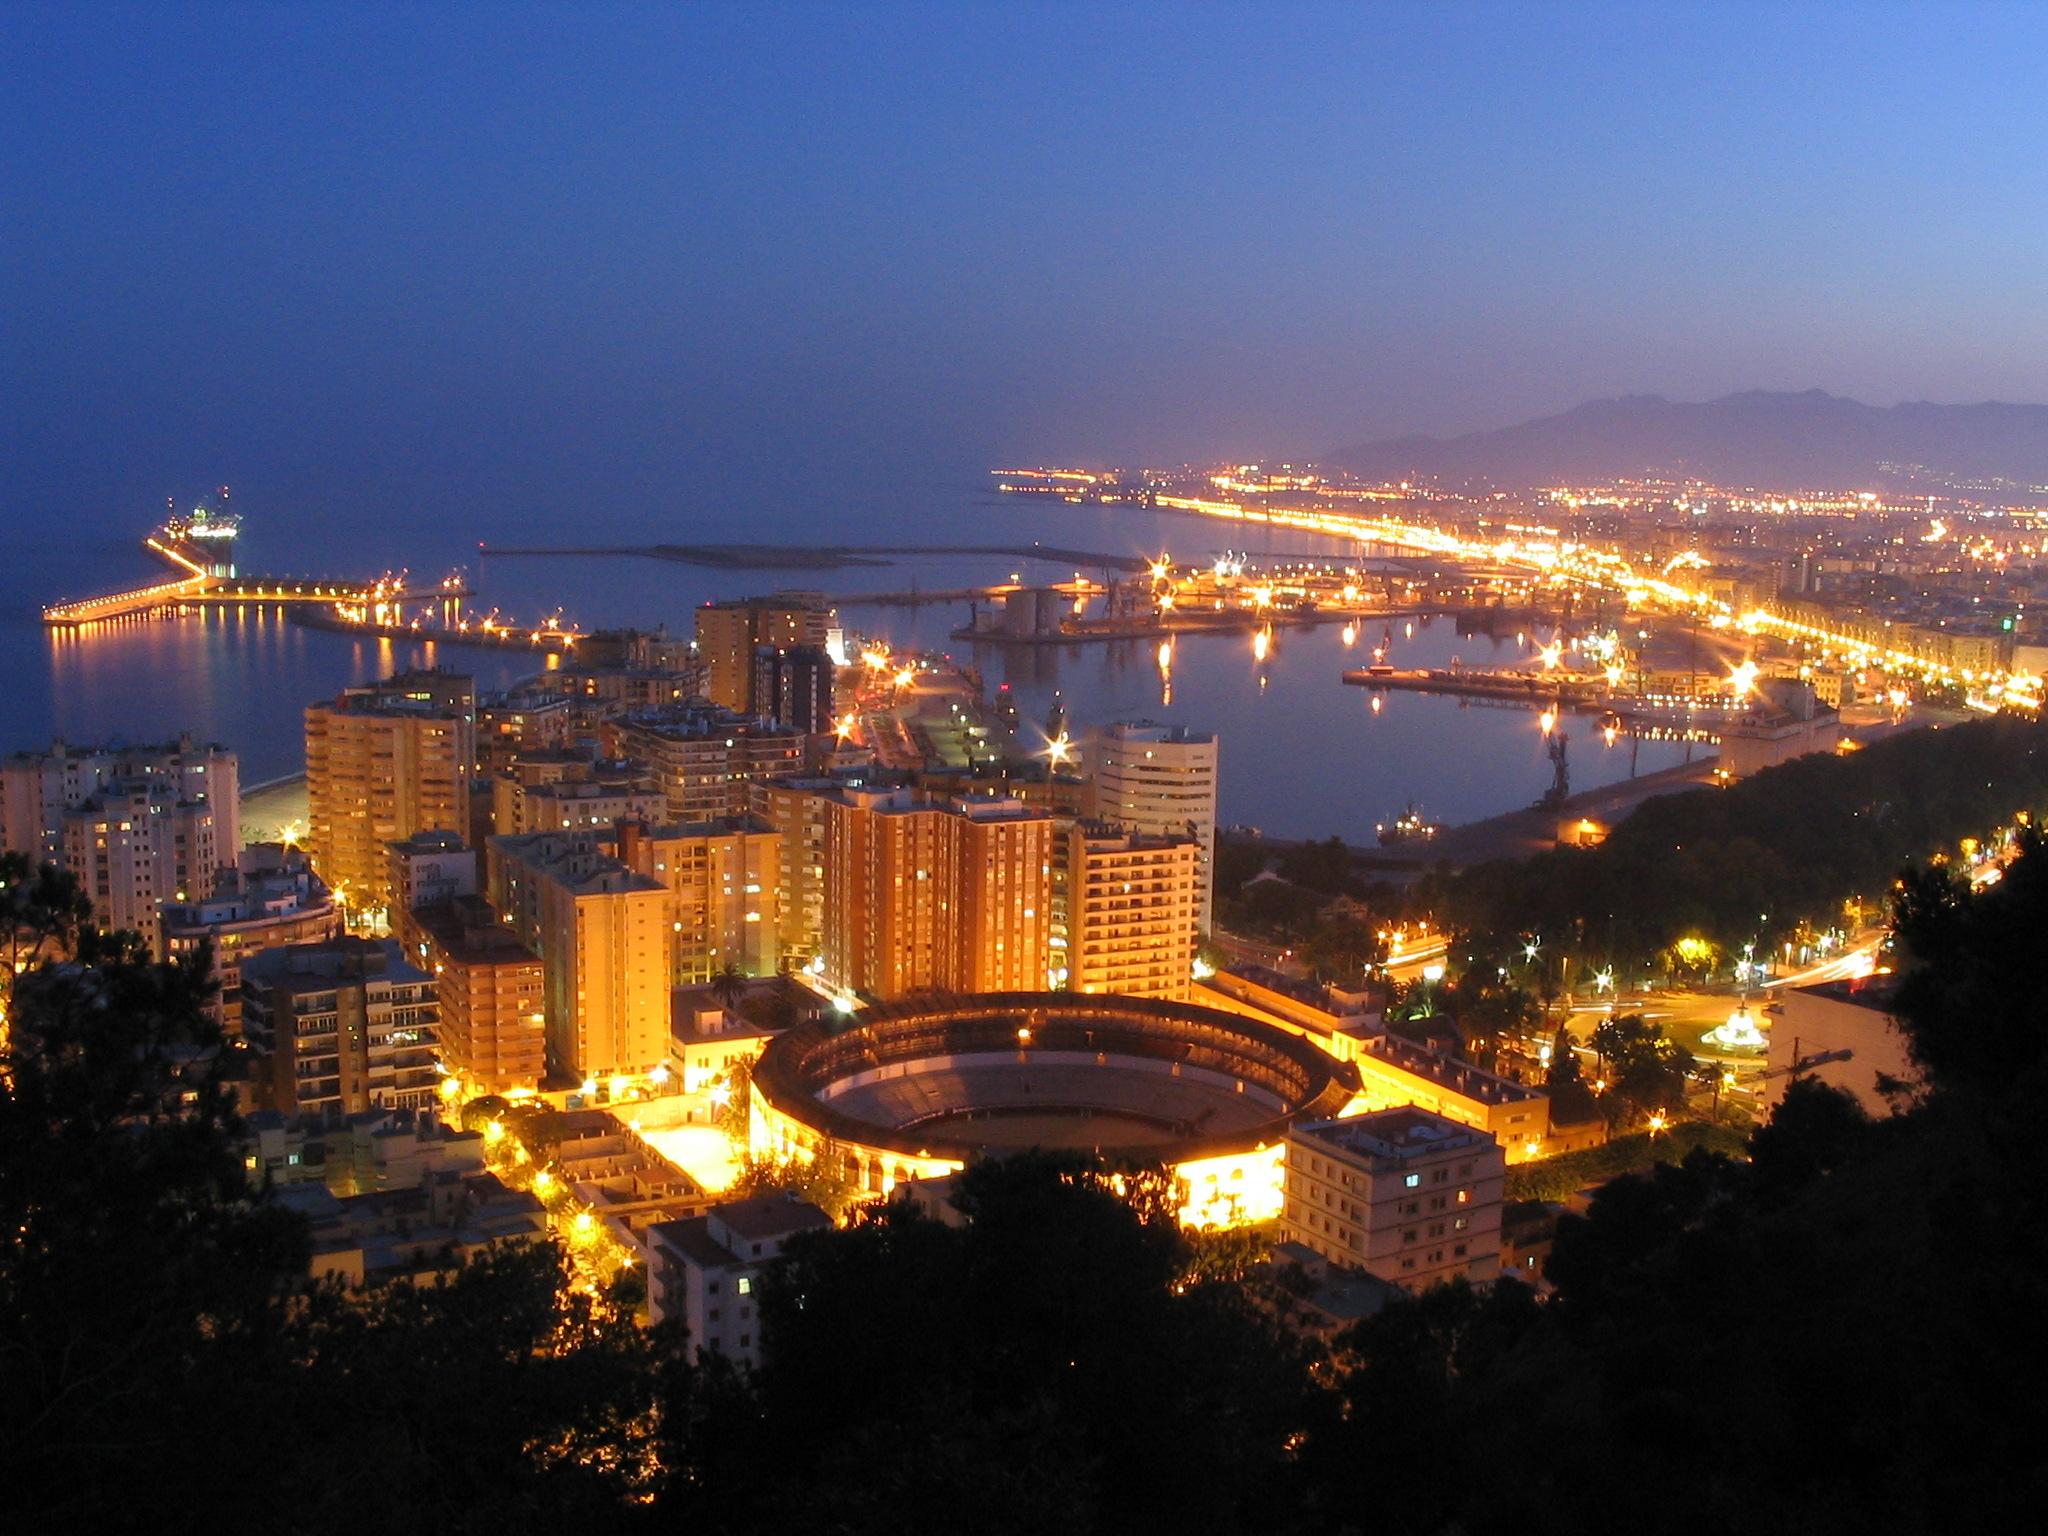 Malaga noche fotos de nocturnas amaneceres y atardeceres - Fotos malaga capital ...